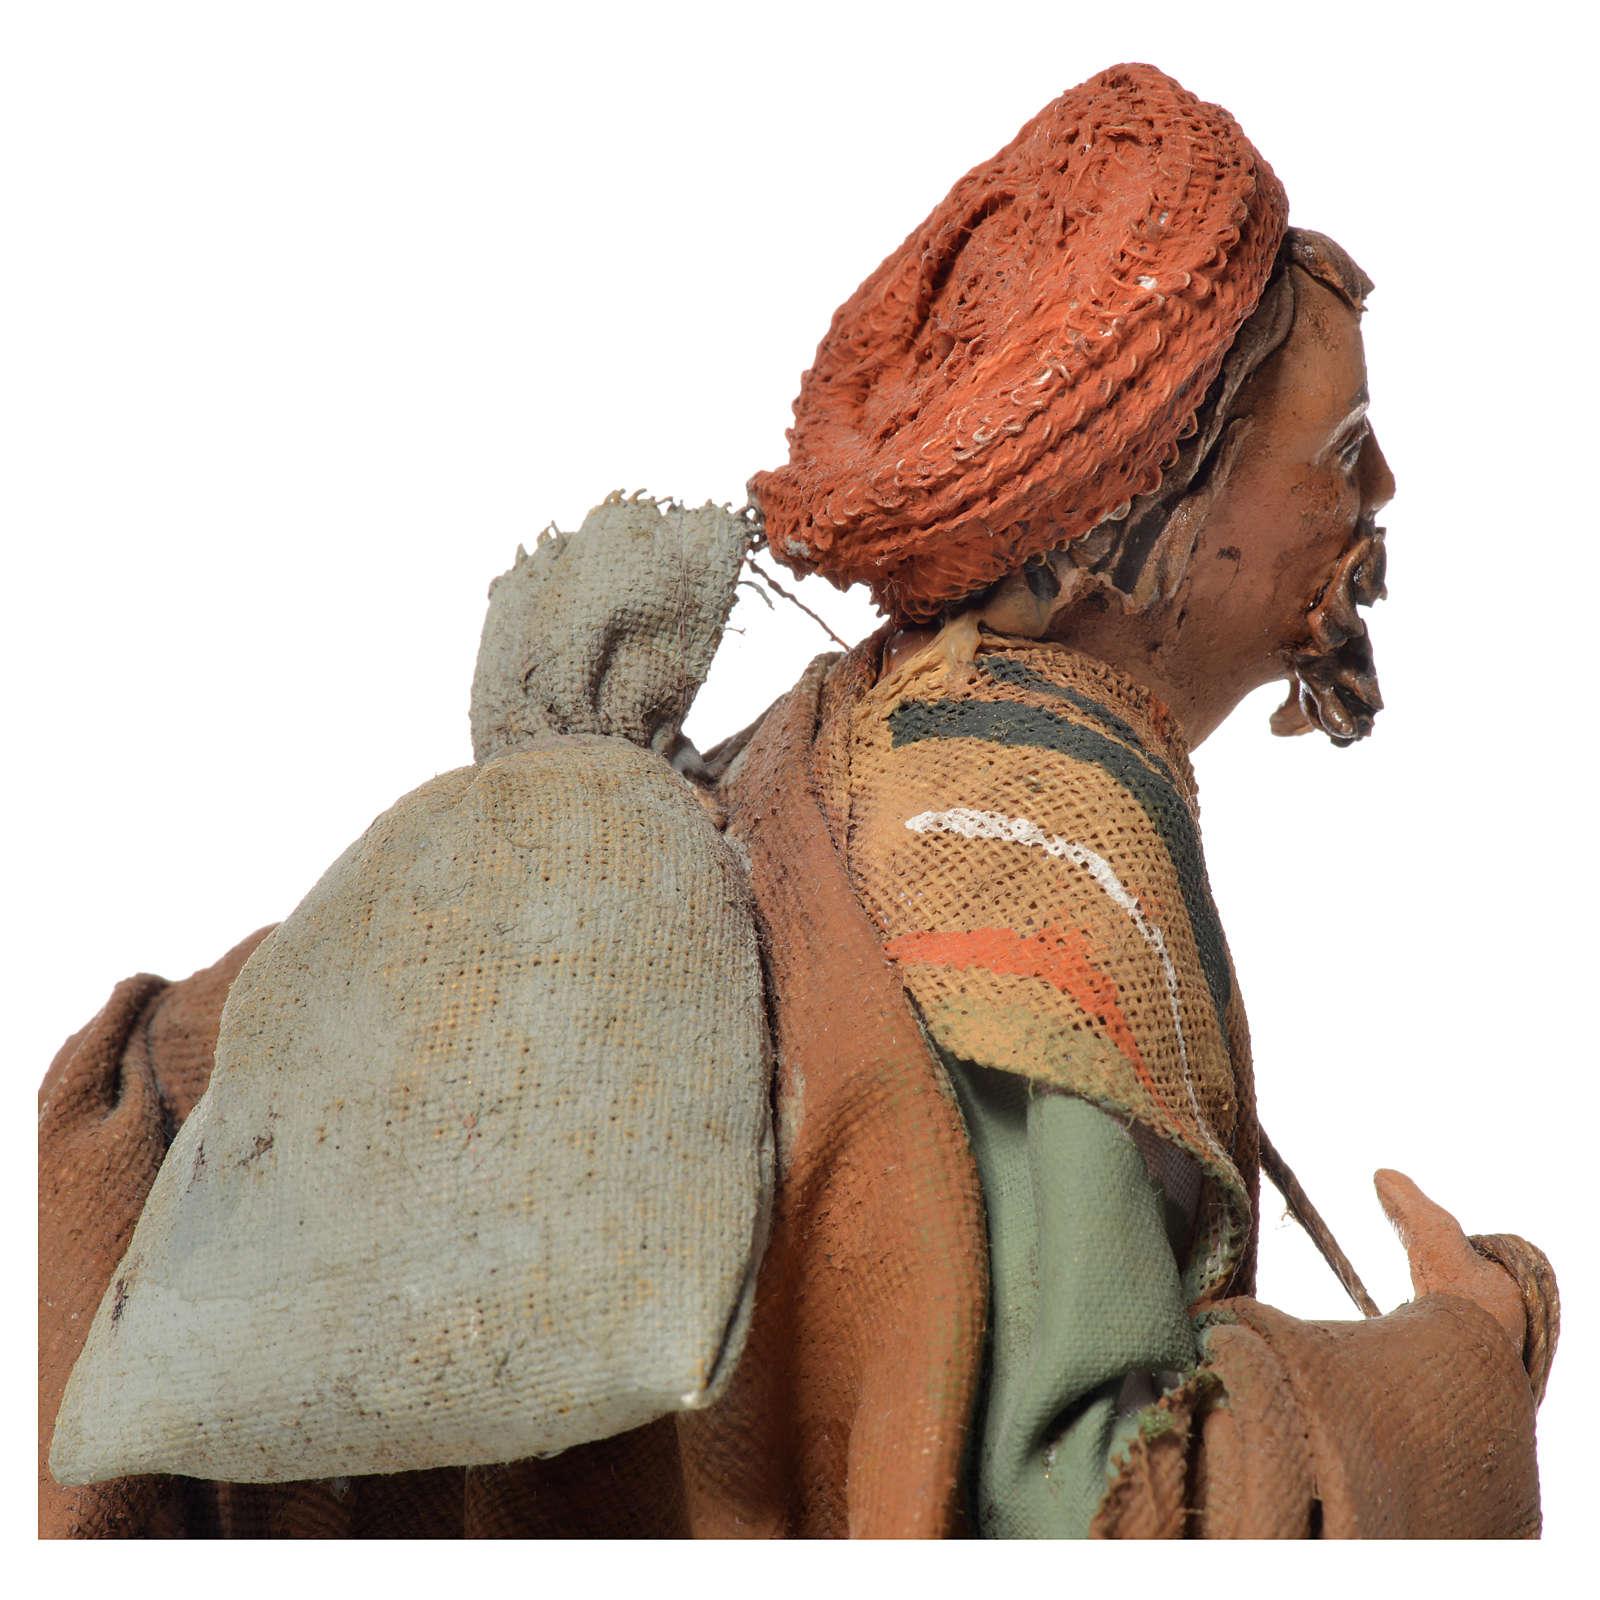 Shepherd with sack, 13cm nativity by Angela Tripi 4